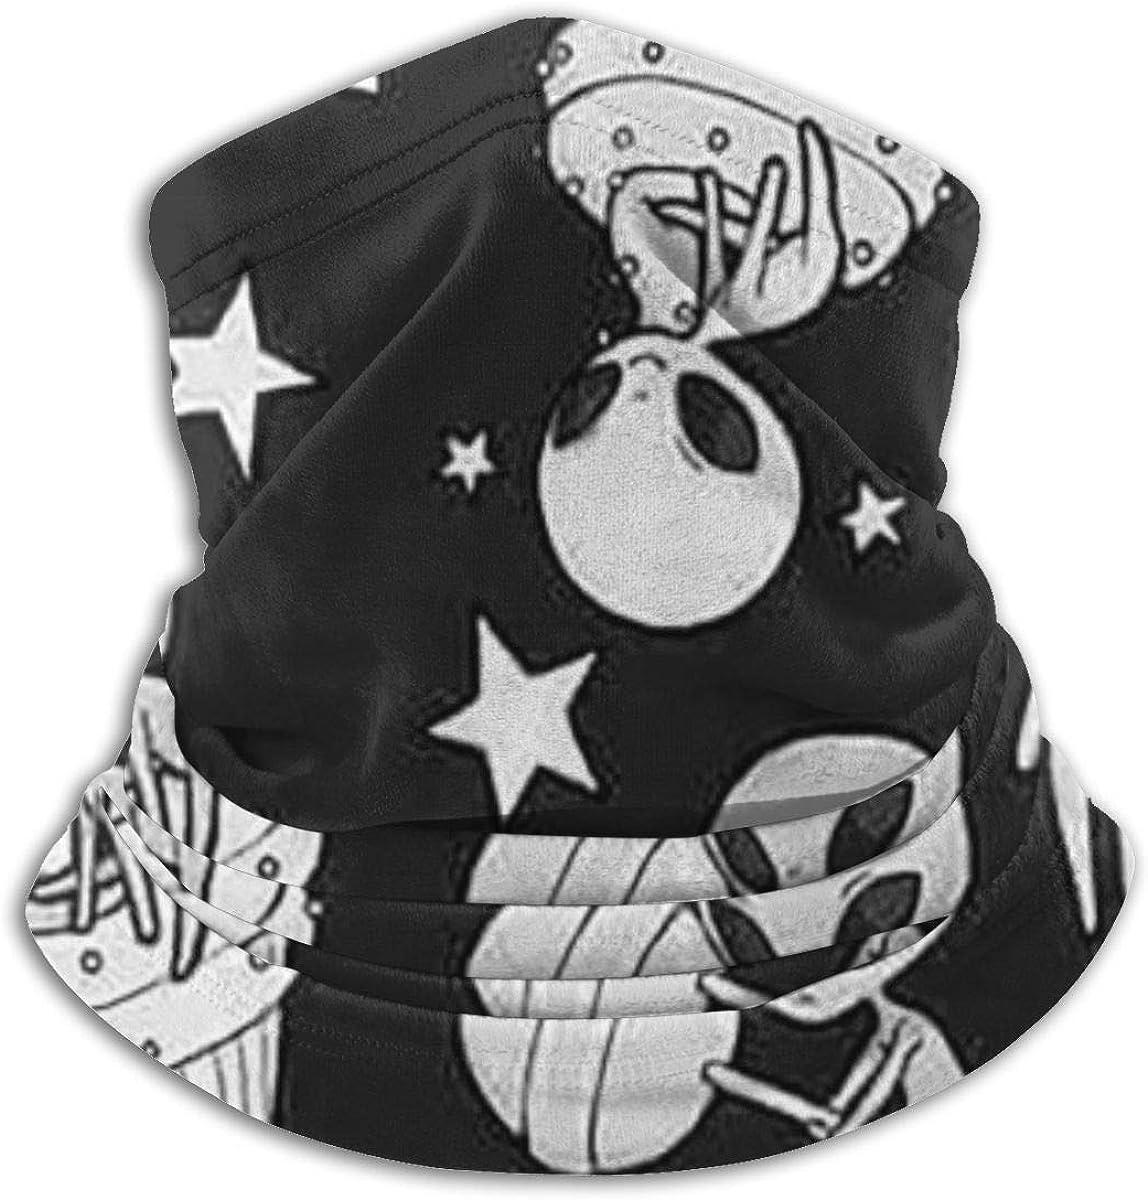 Univers Alien Seaml - Bandanas para la cara y la cabeza, bufanda para exteriores, ratas, deportes de música, festivales